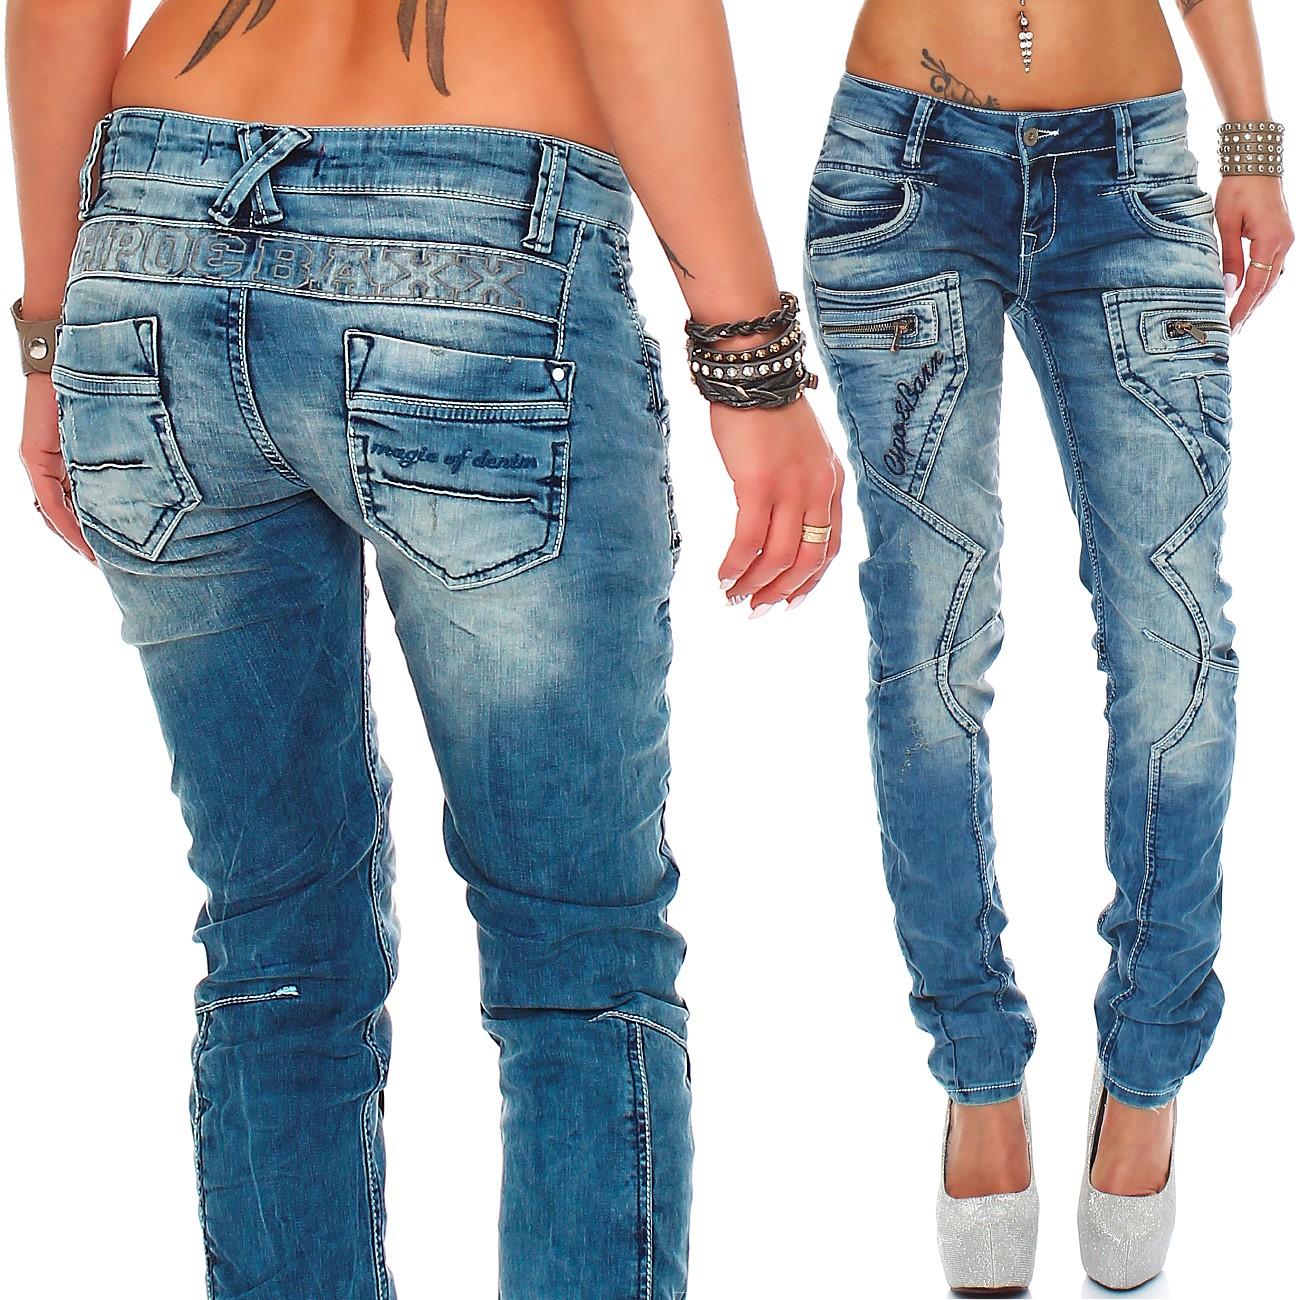 Verschiedene-Cipo-amp-Baxx-Damen-Jeans-Hosen-Slim-Fit-Regular-Fit-Streetwear Indexbild 61